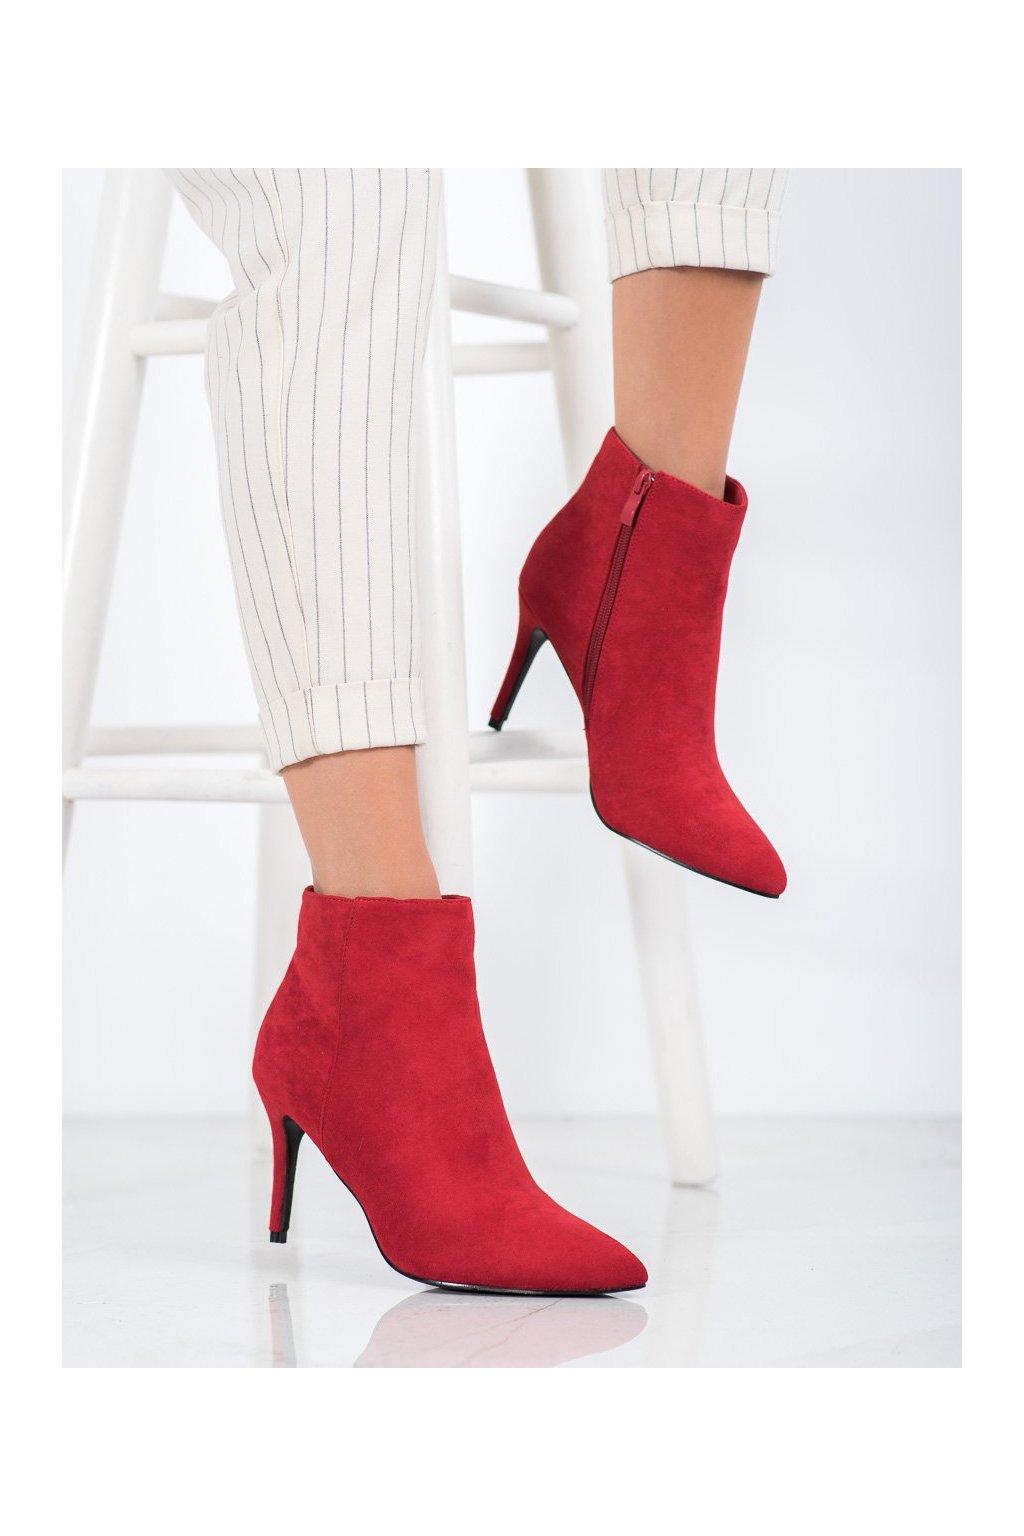 Červené dámske topánky Sweet shoes kod 9468R